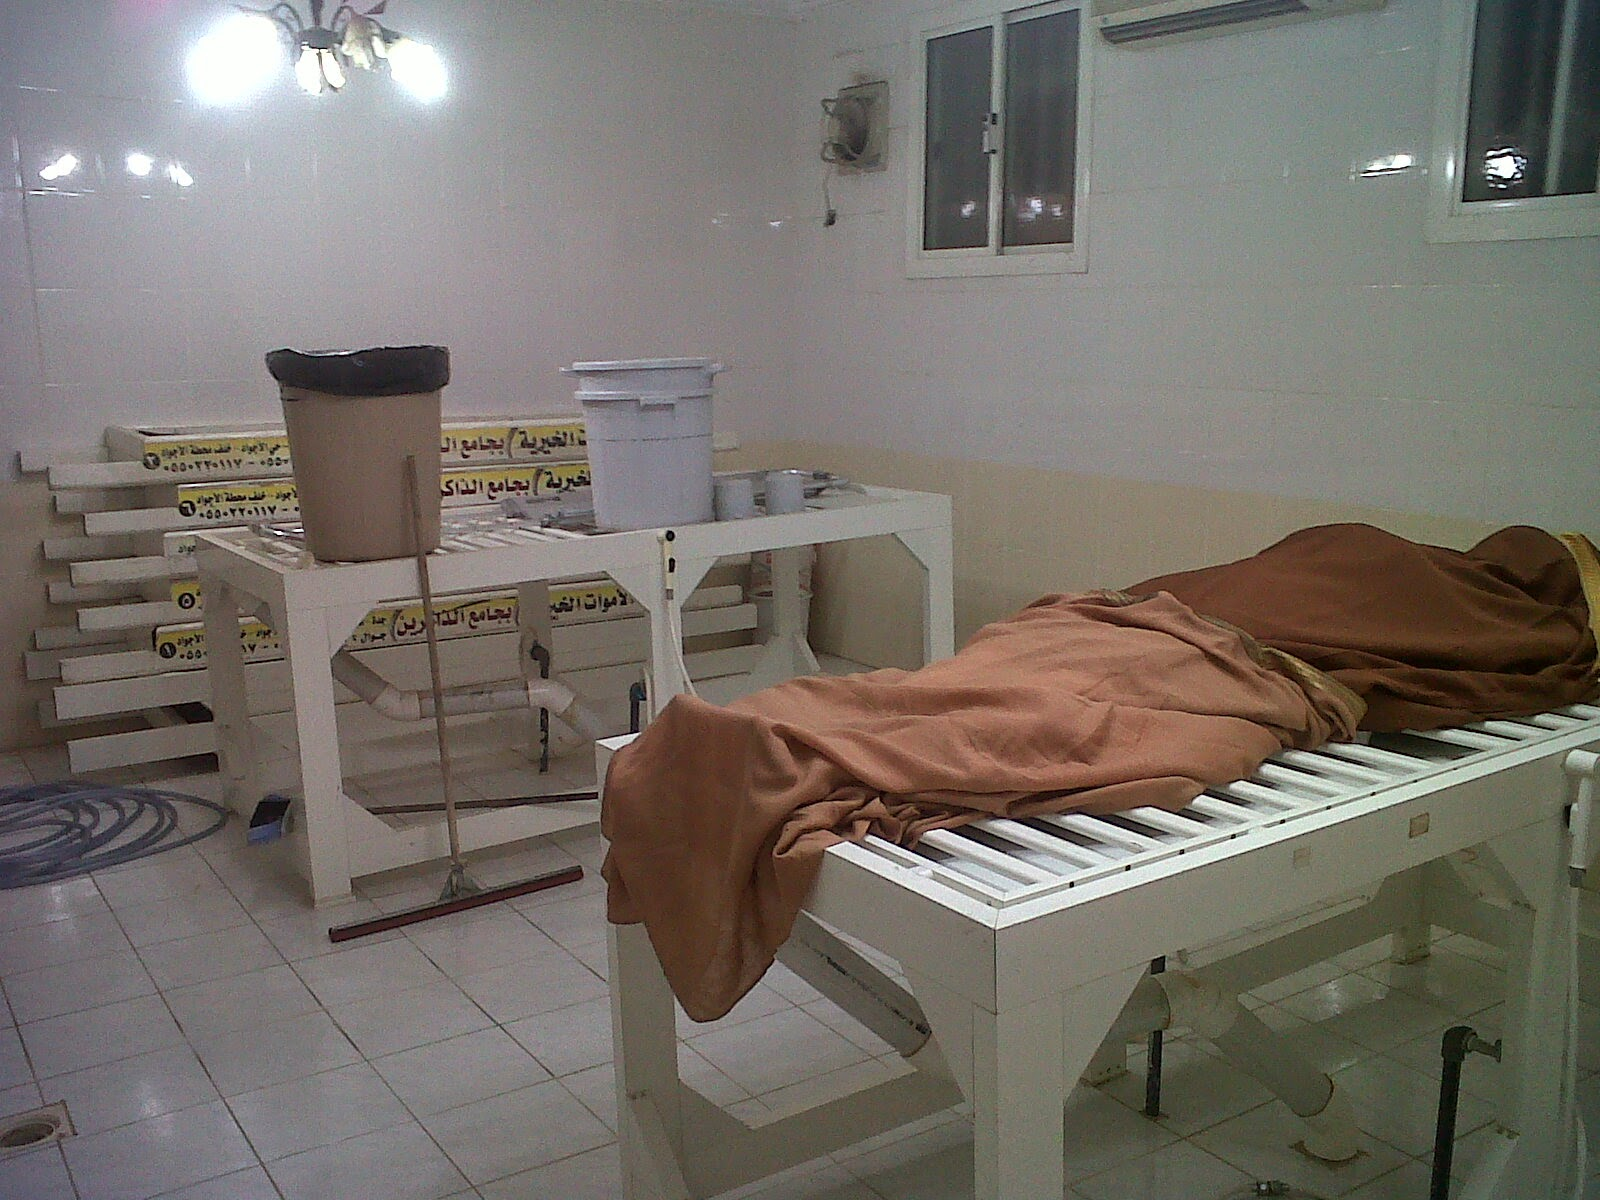 مغسل الأموات يروي أغرب قصة موت رآها في حياته لا اله الا الله تعرف عليها الان